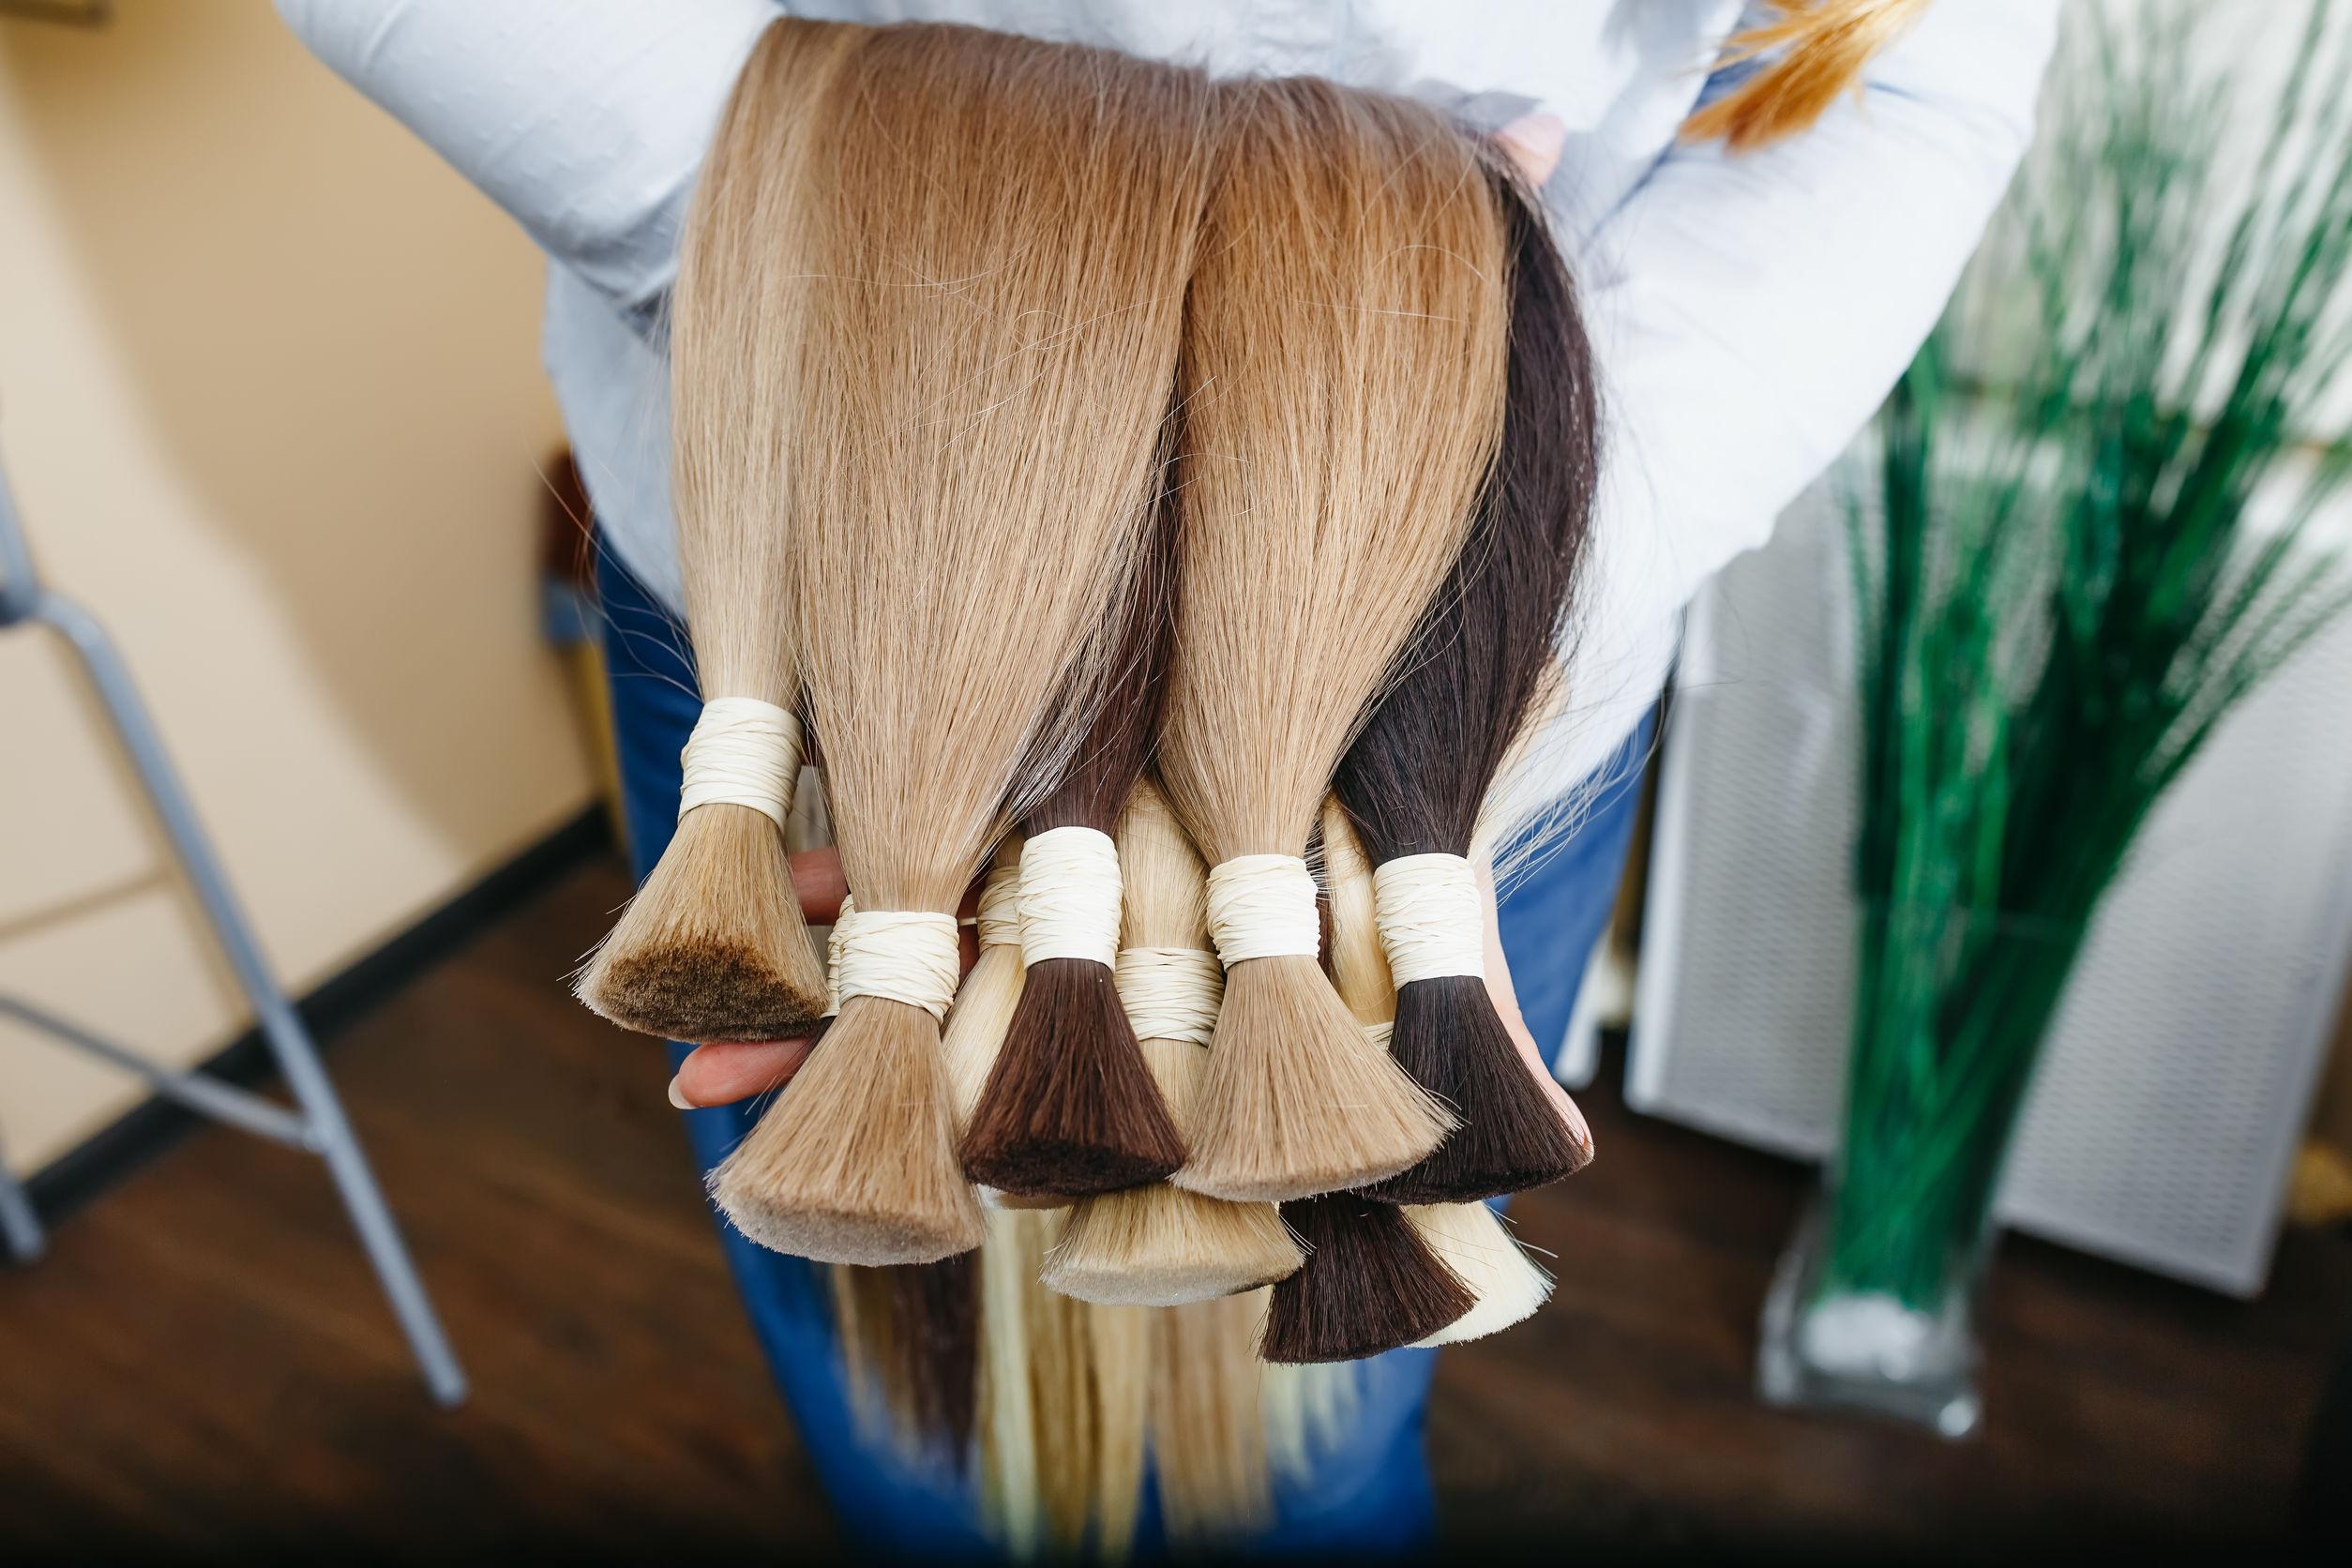 Extensiones para cabello: ¿Cuáles son las mejores del 2020?